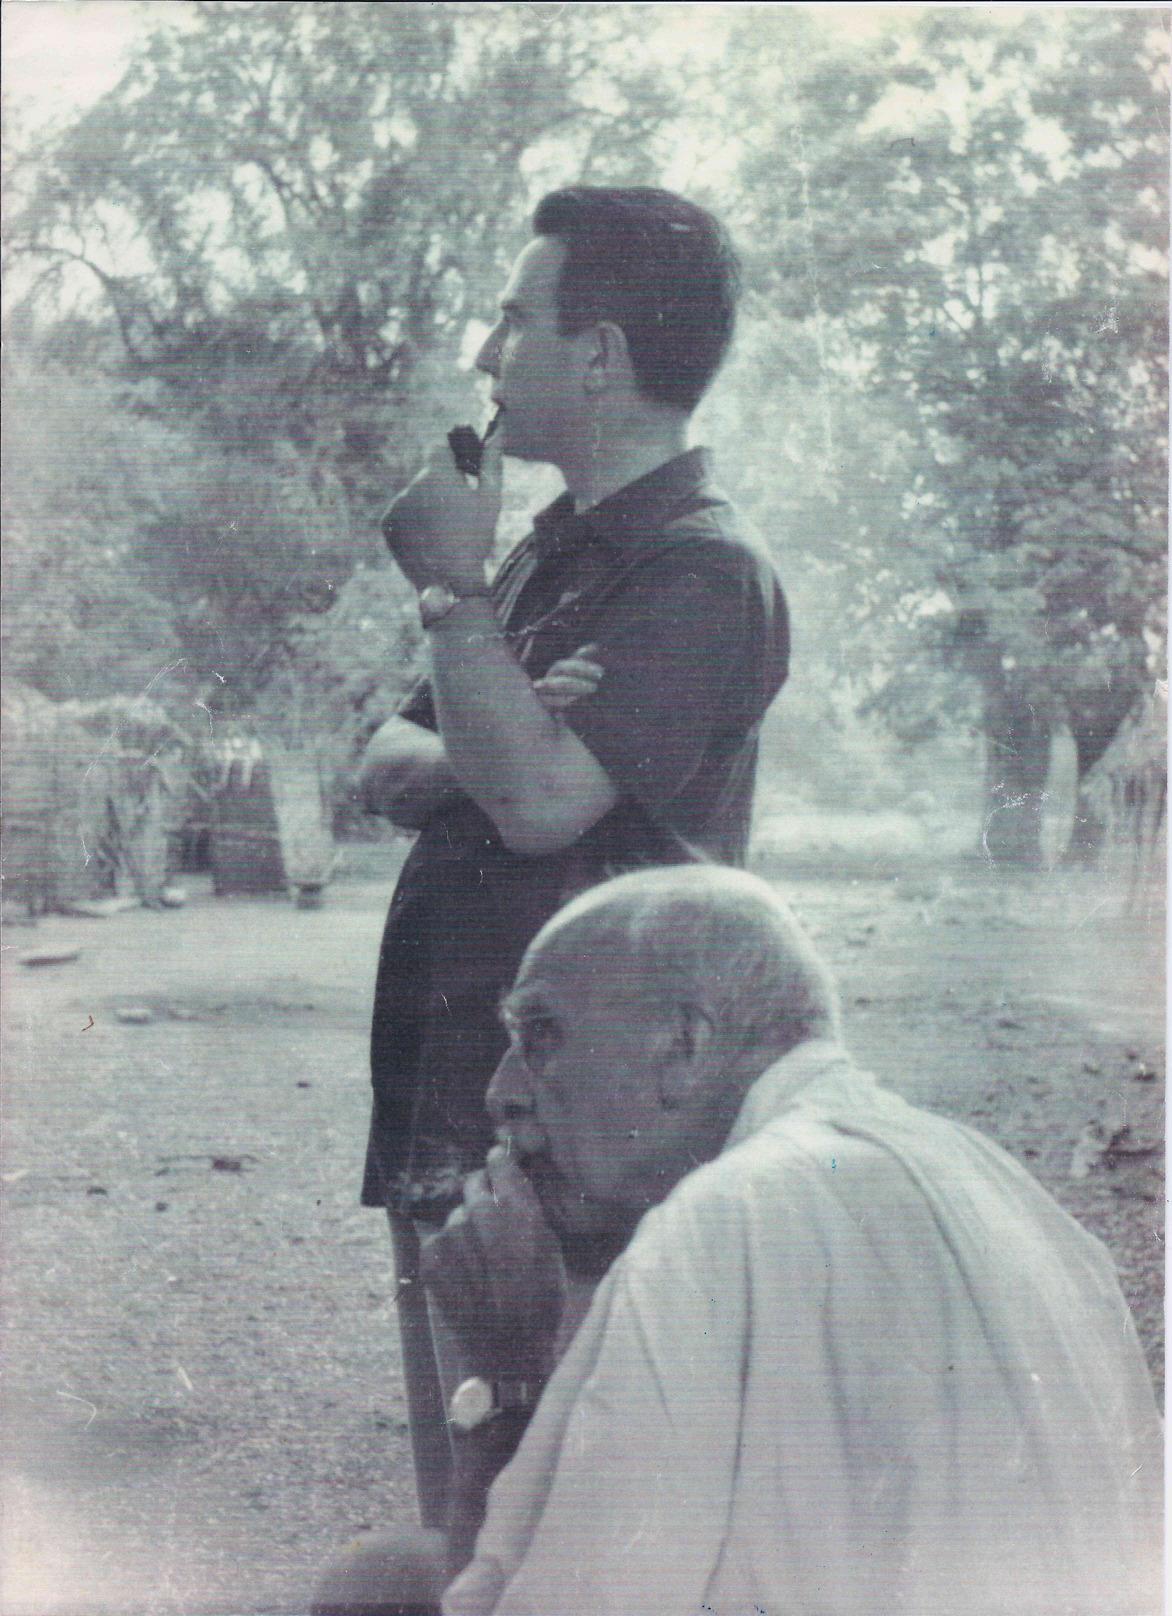 Джон Холдейн (справа) с итальянским генетиком Марчелло Синискалько в Индии, 1964 год. «Википедия»